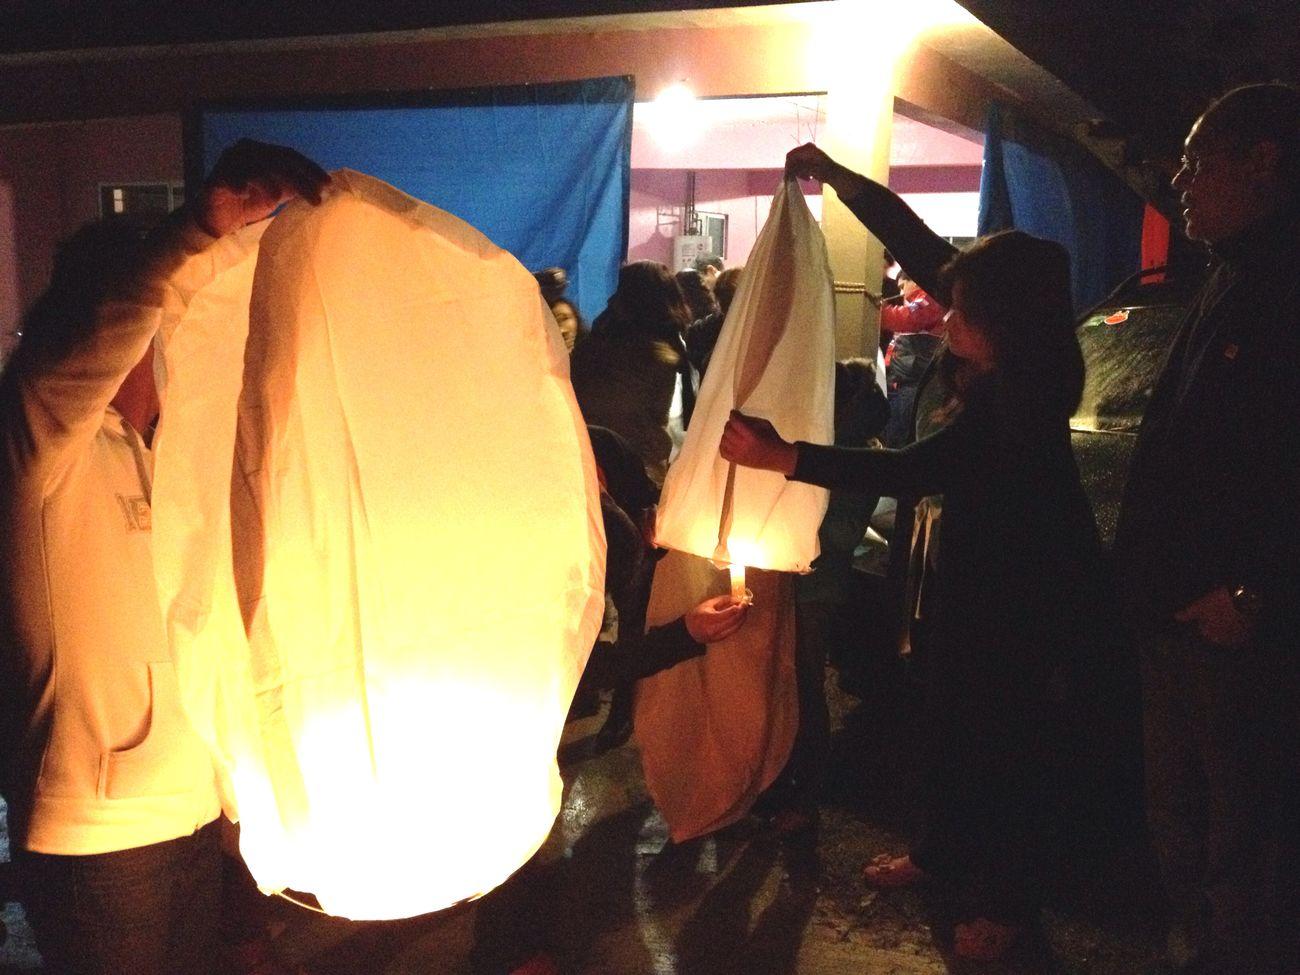 Globos de cantoya Globos Globe Cantoya Globe Globos De Cantoya Family Família Año Nuevo  Happy New Year Veracruz Mexico